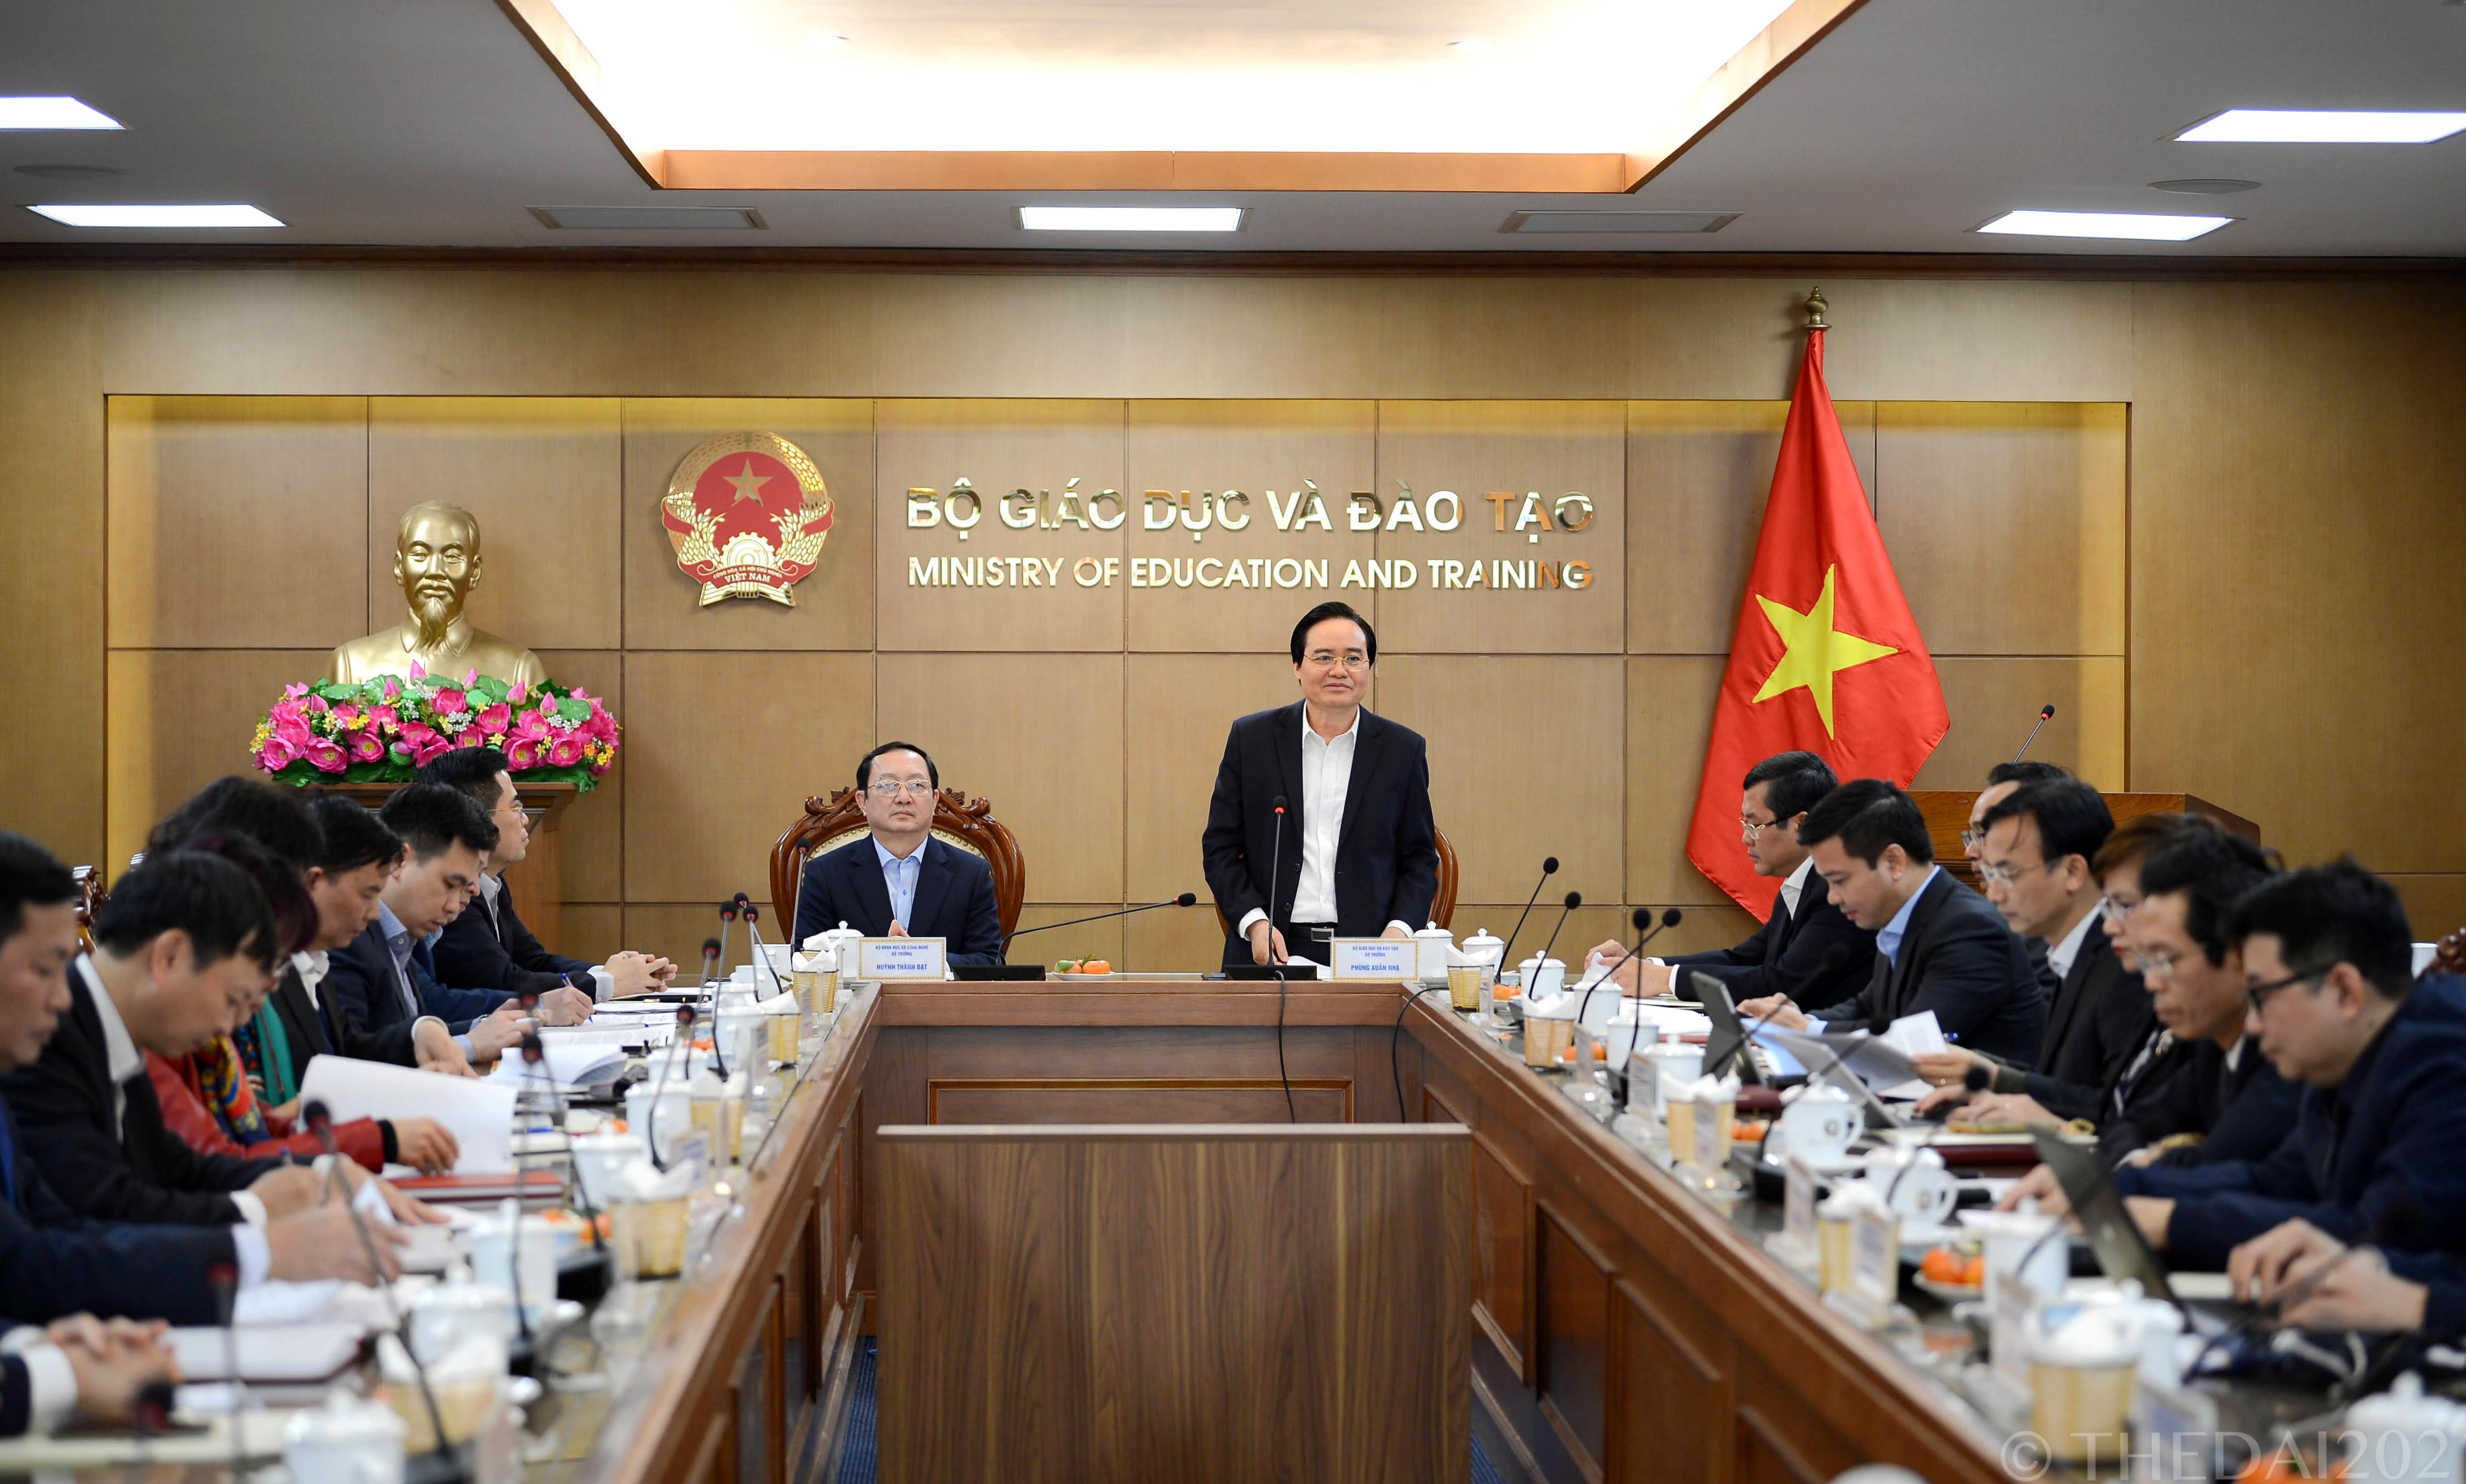 Đẩy mạnh phối hợp công tác giữa Bộ GDĐT và Bộ KHCN